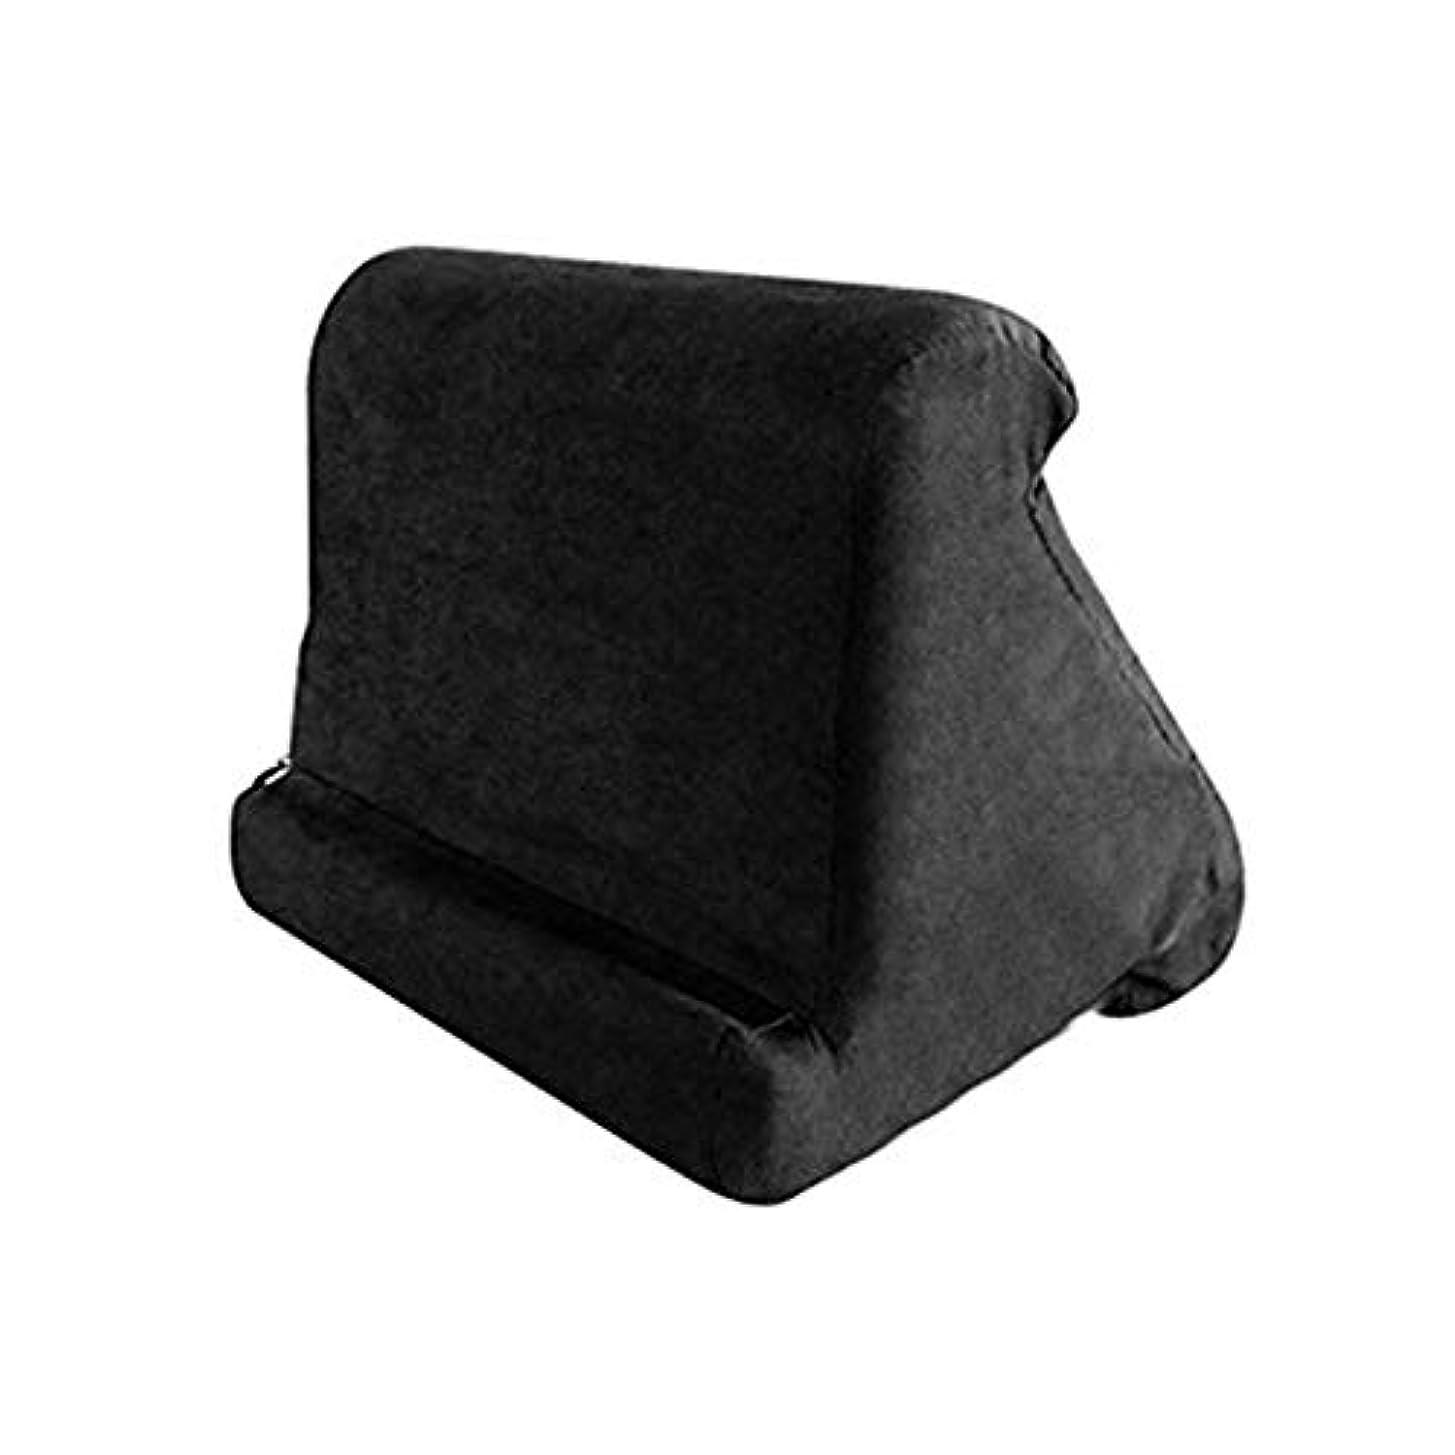 忠実代わってしてはいけませんLIFE家庭用タブレット枕ホルダースタンドブック残り読書サポートクッションベッドソファマルチアングルソフト枕ラップスタンドクッションクッション 椅子